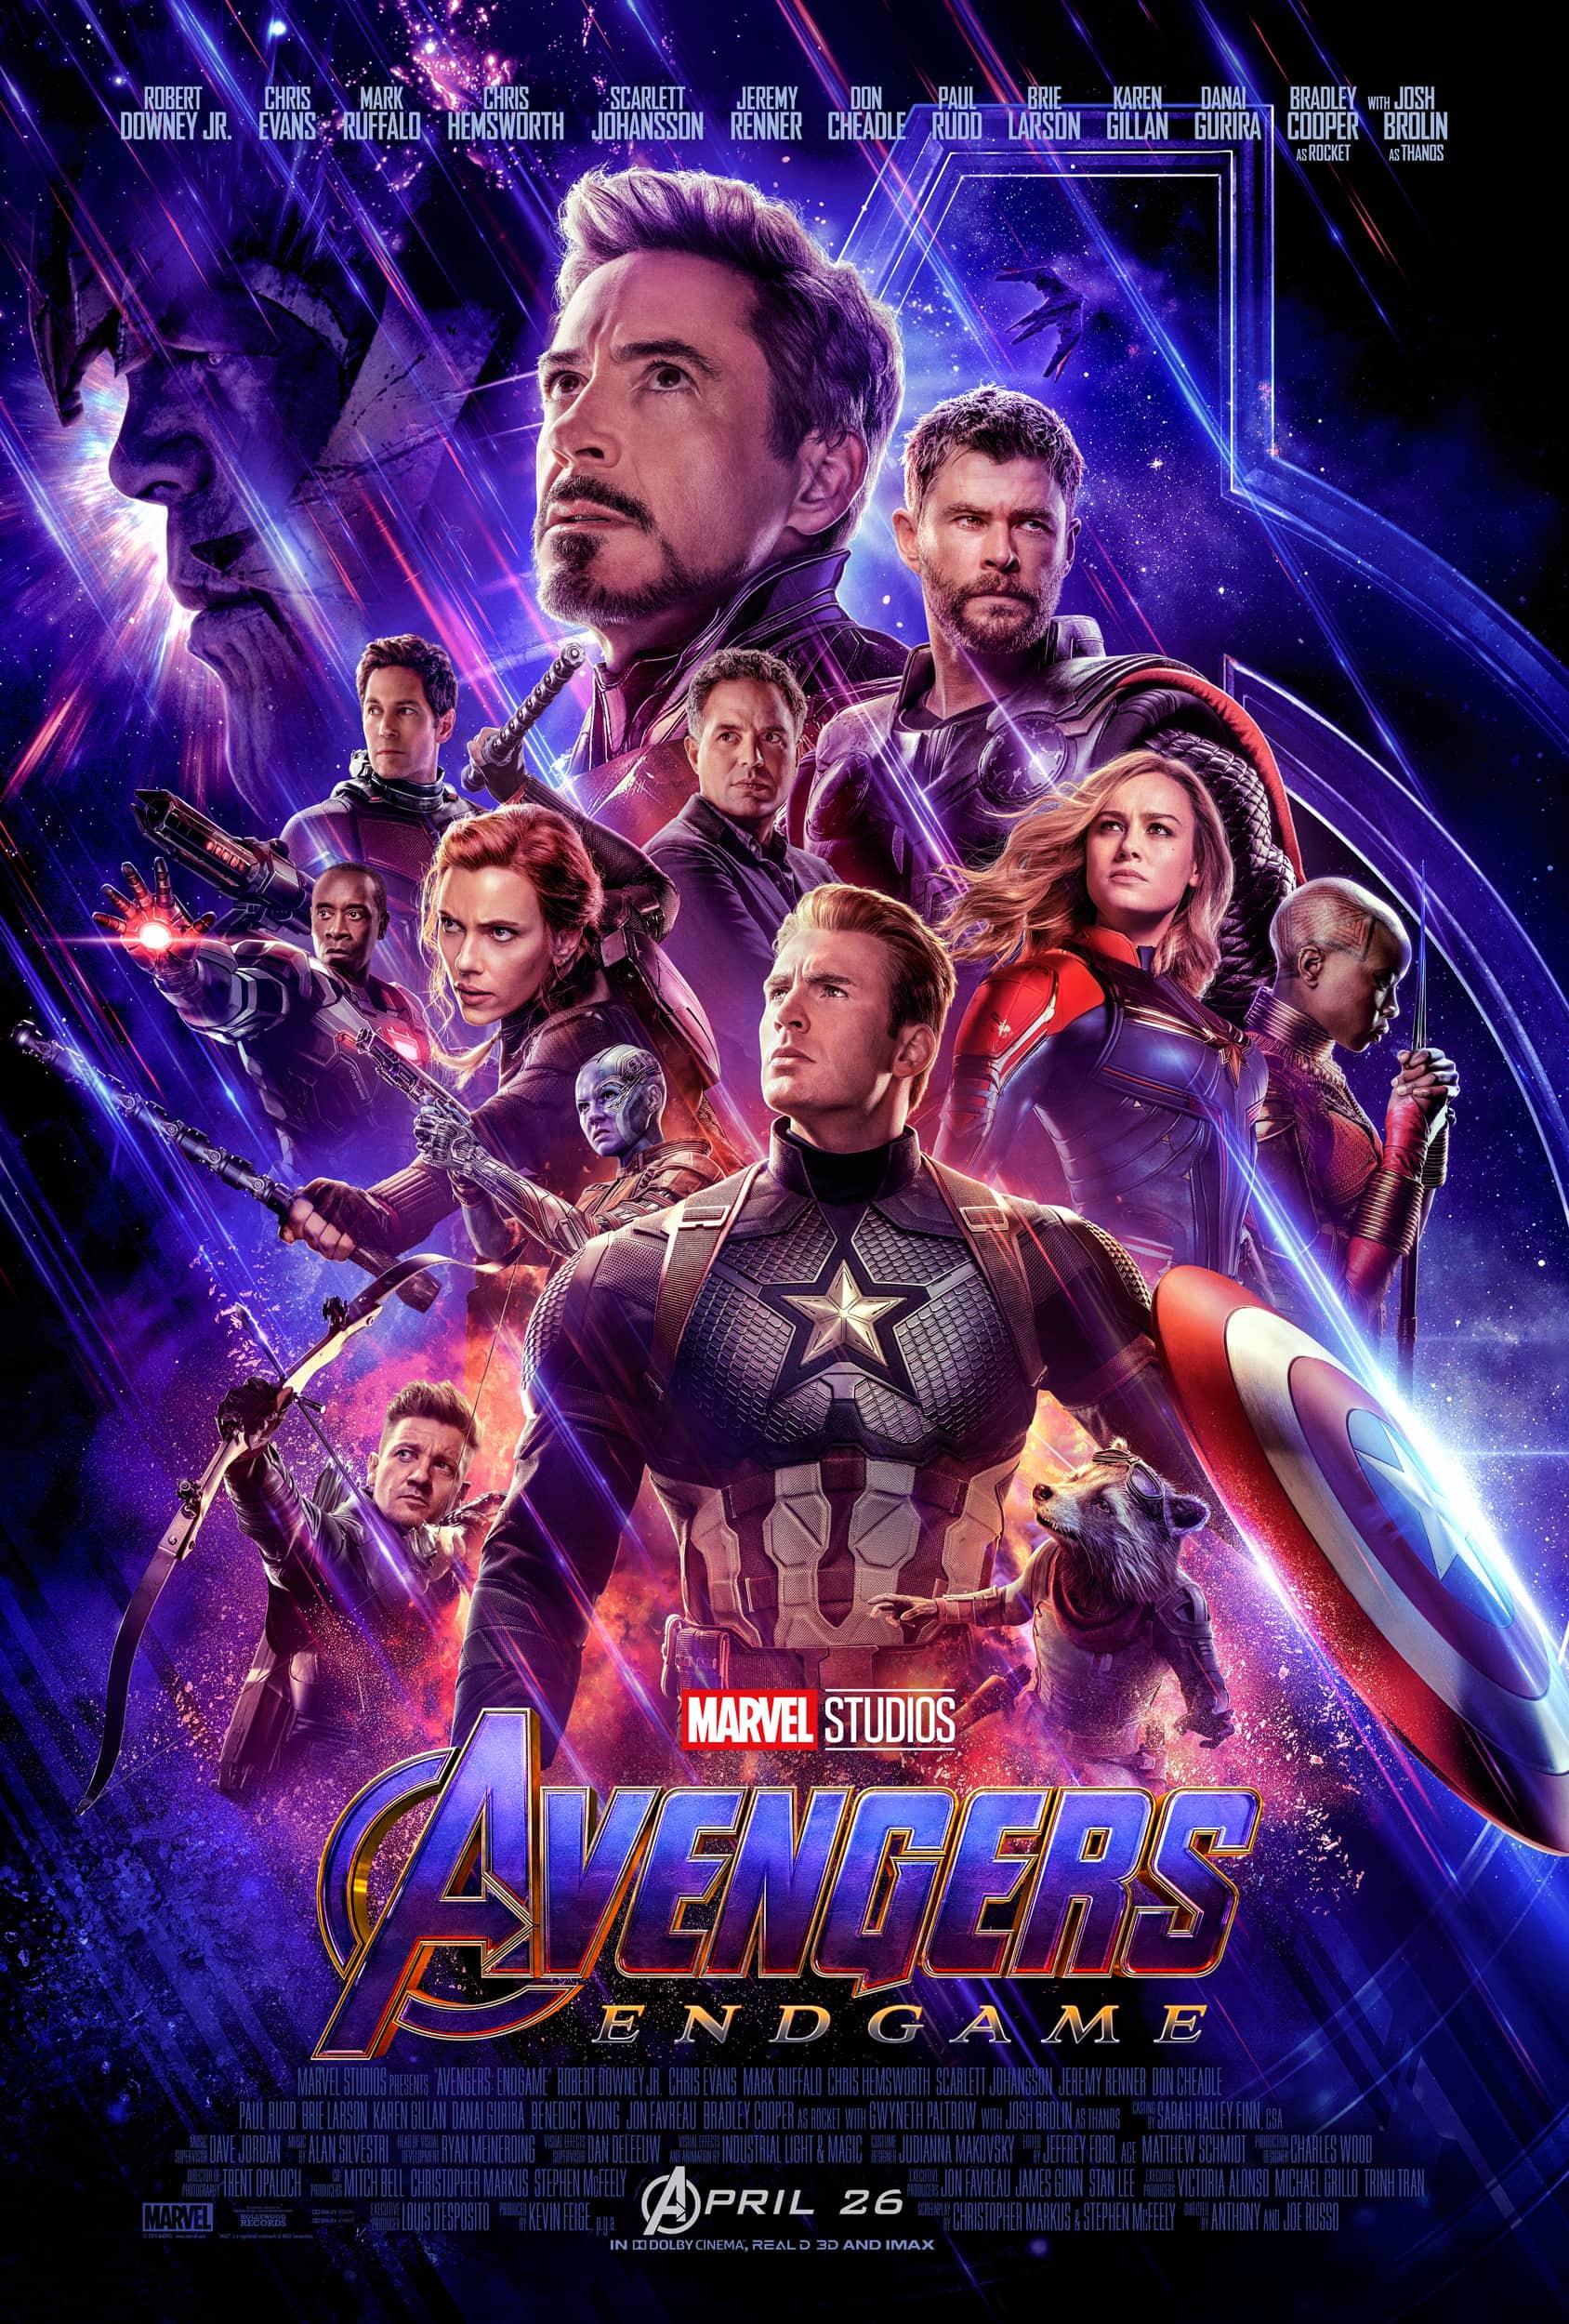 Avengers Endgame Trailer Breakdown, Avengers Endgame